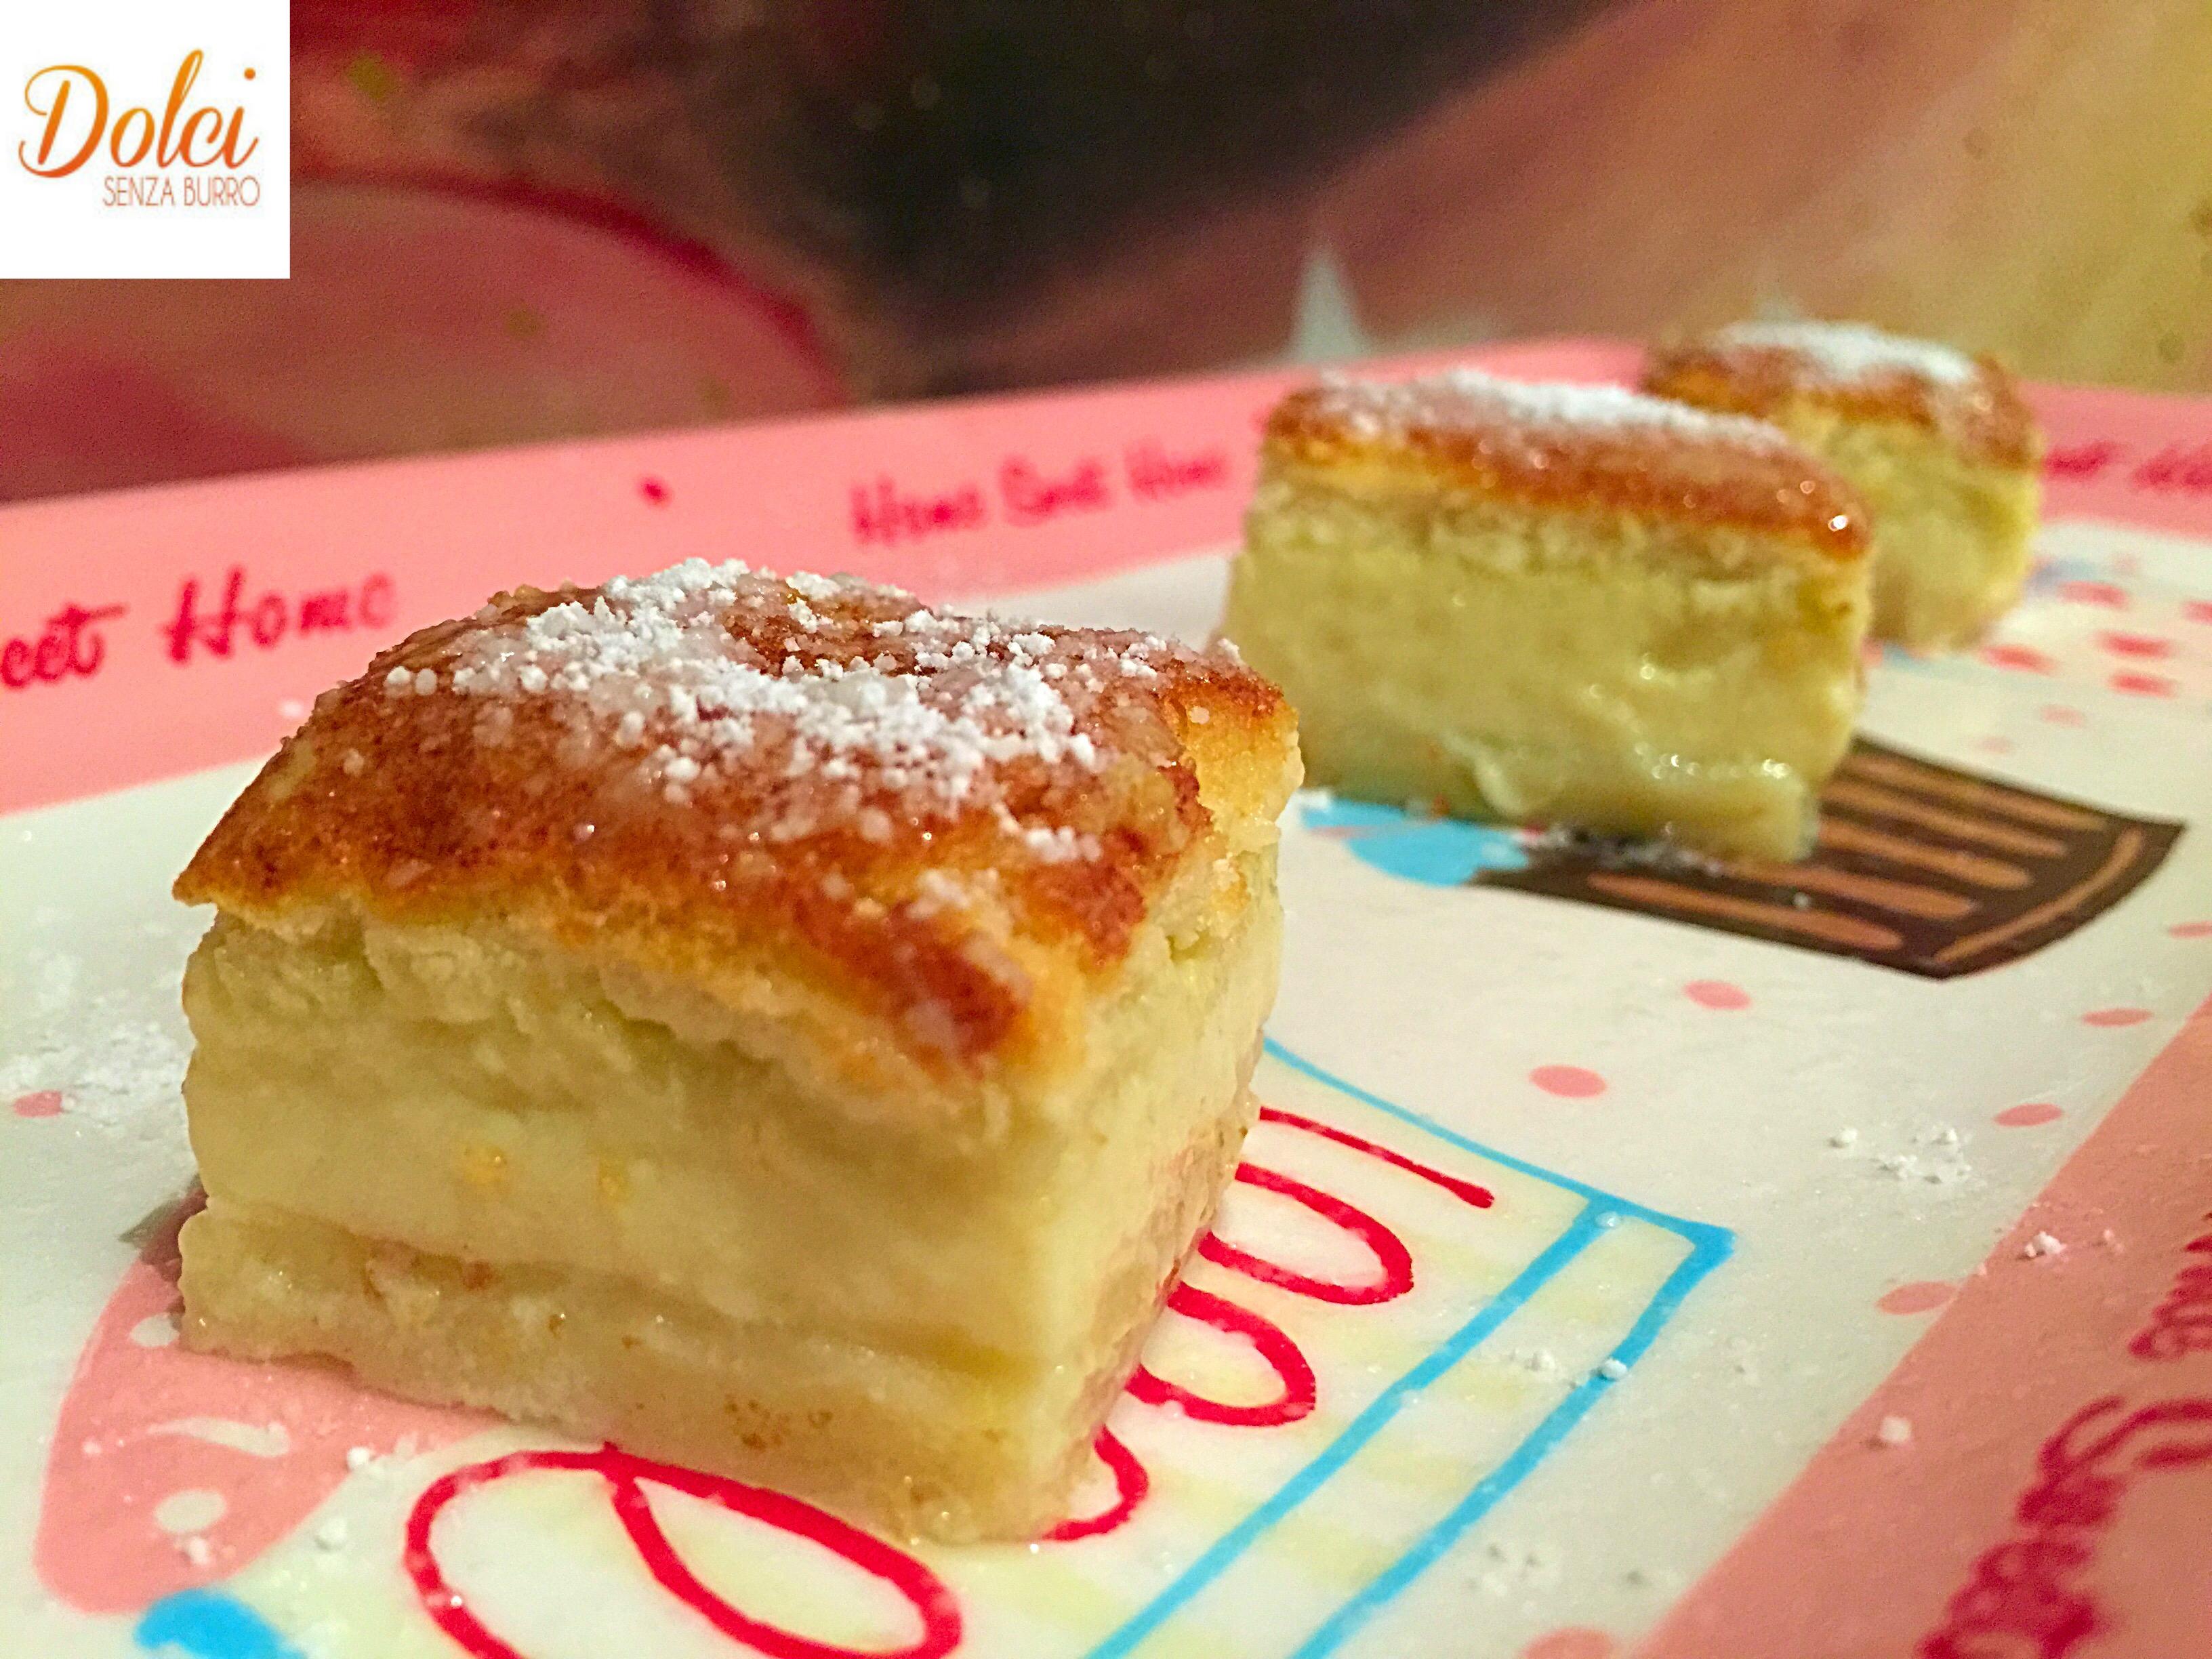 La Torta Magica Senza Burro, tre strati e tre consistenze diverse un unico e delicato sapore, realizzato da dolci senza burro